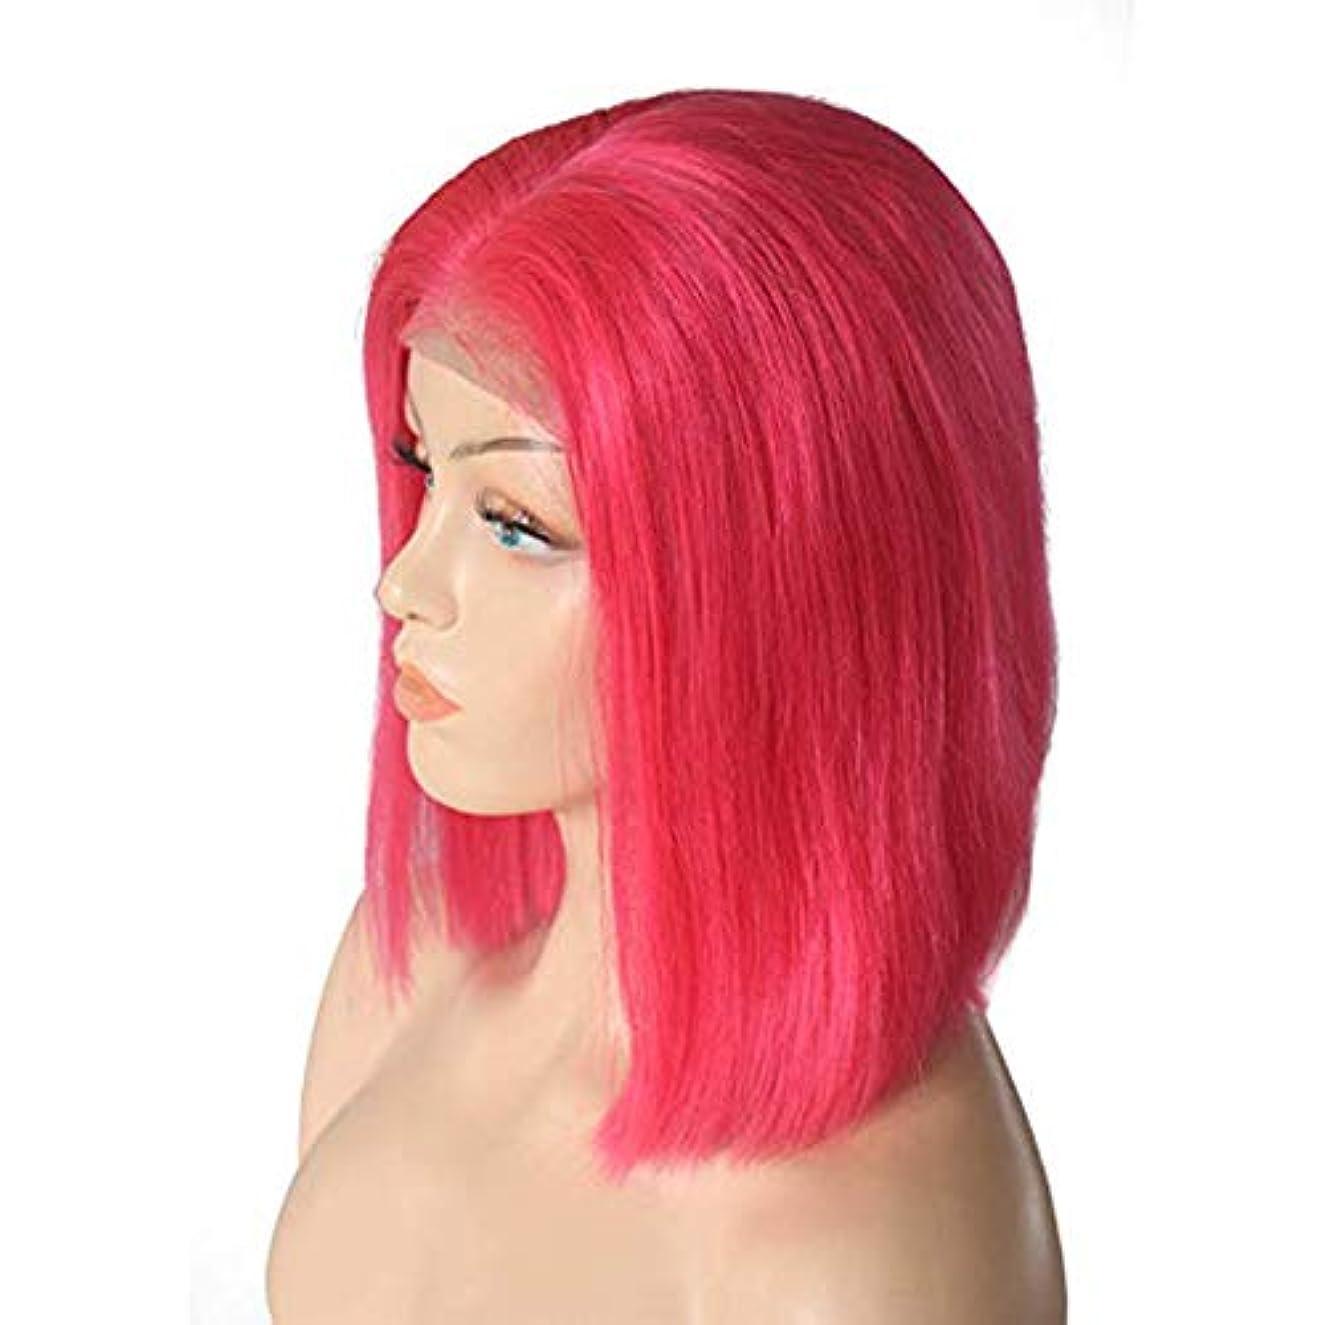 手錠早める拡散するslQinjiansav女性ウィッグ修理ツール女性ピーチ赤肩長ストレートセントラルパーティングウィッグボボヘアピース